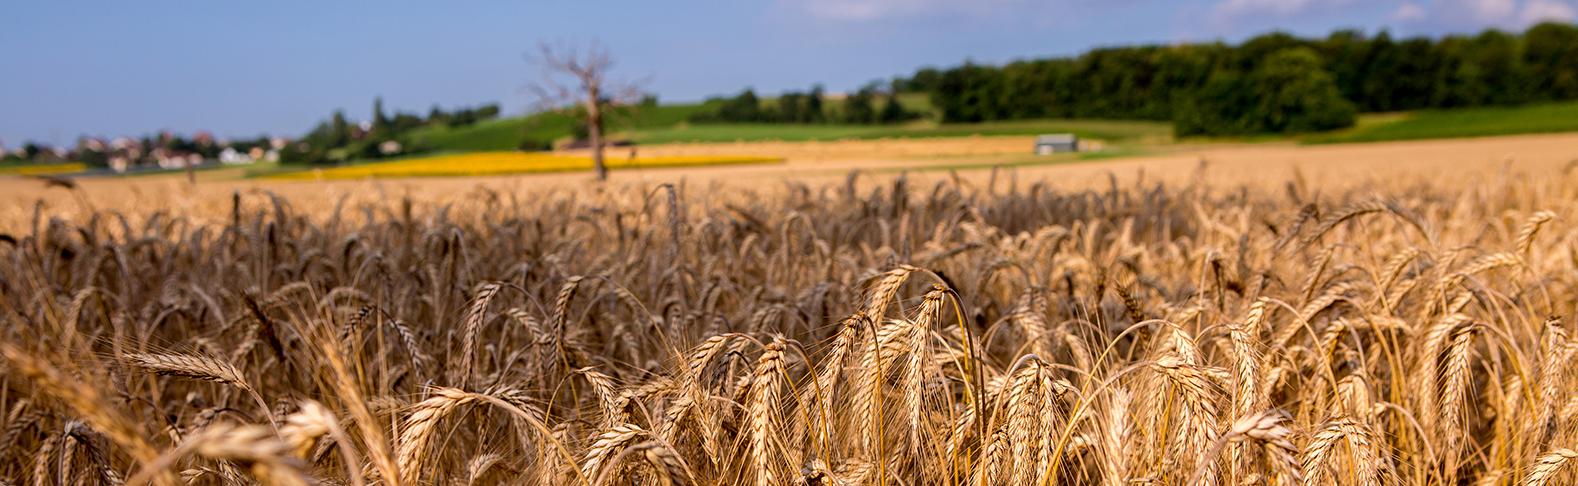 wheat-landscape_lt4c3357